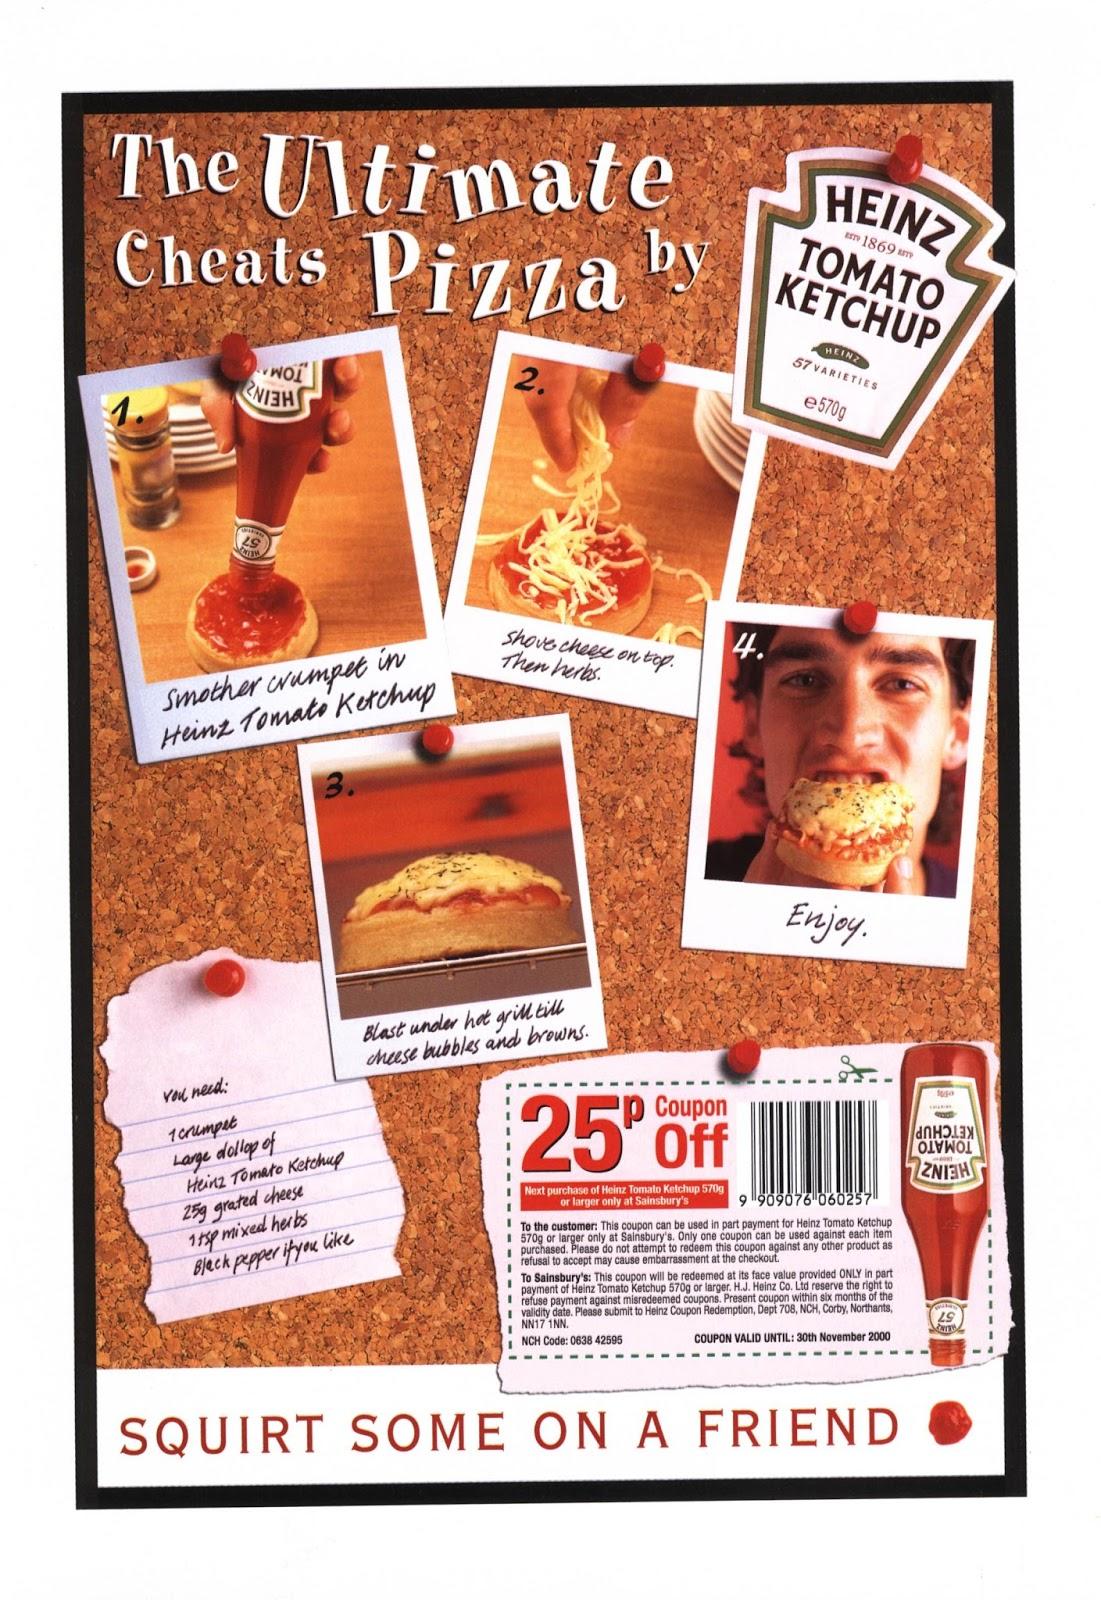 Museum Of Advertising Beanz Meanz Heinz